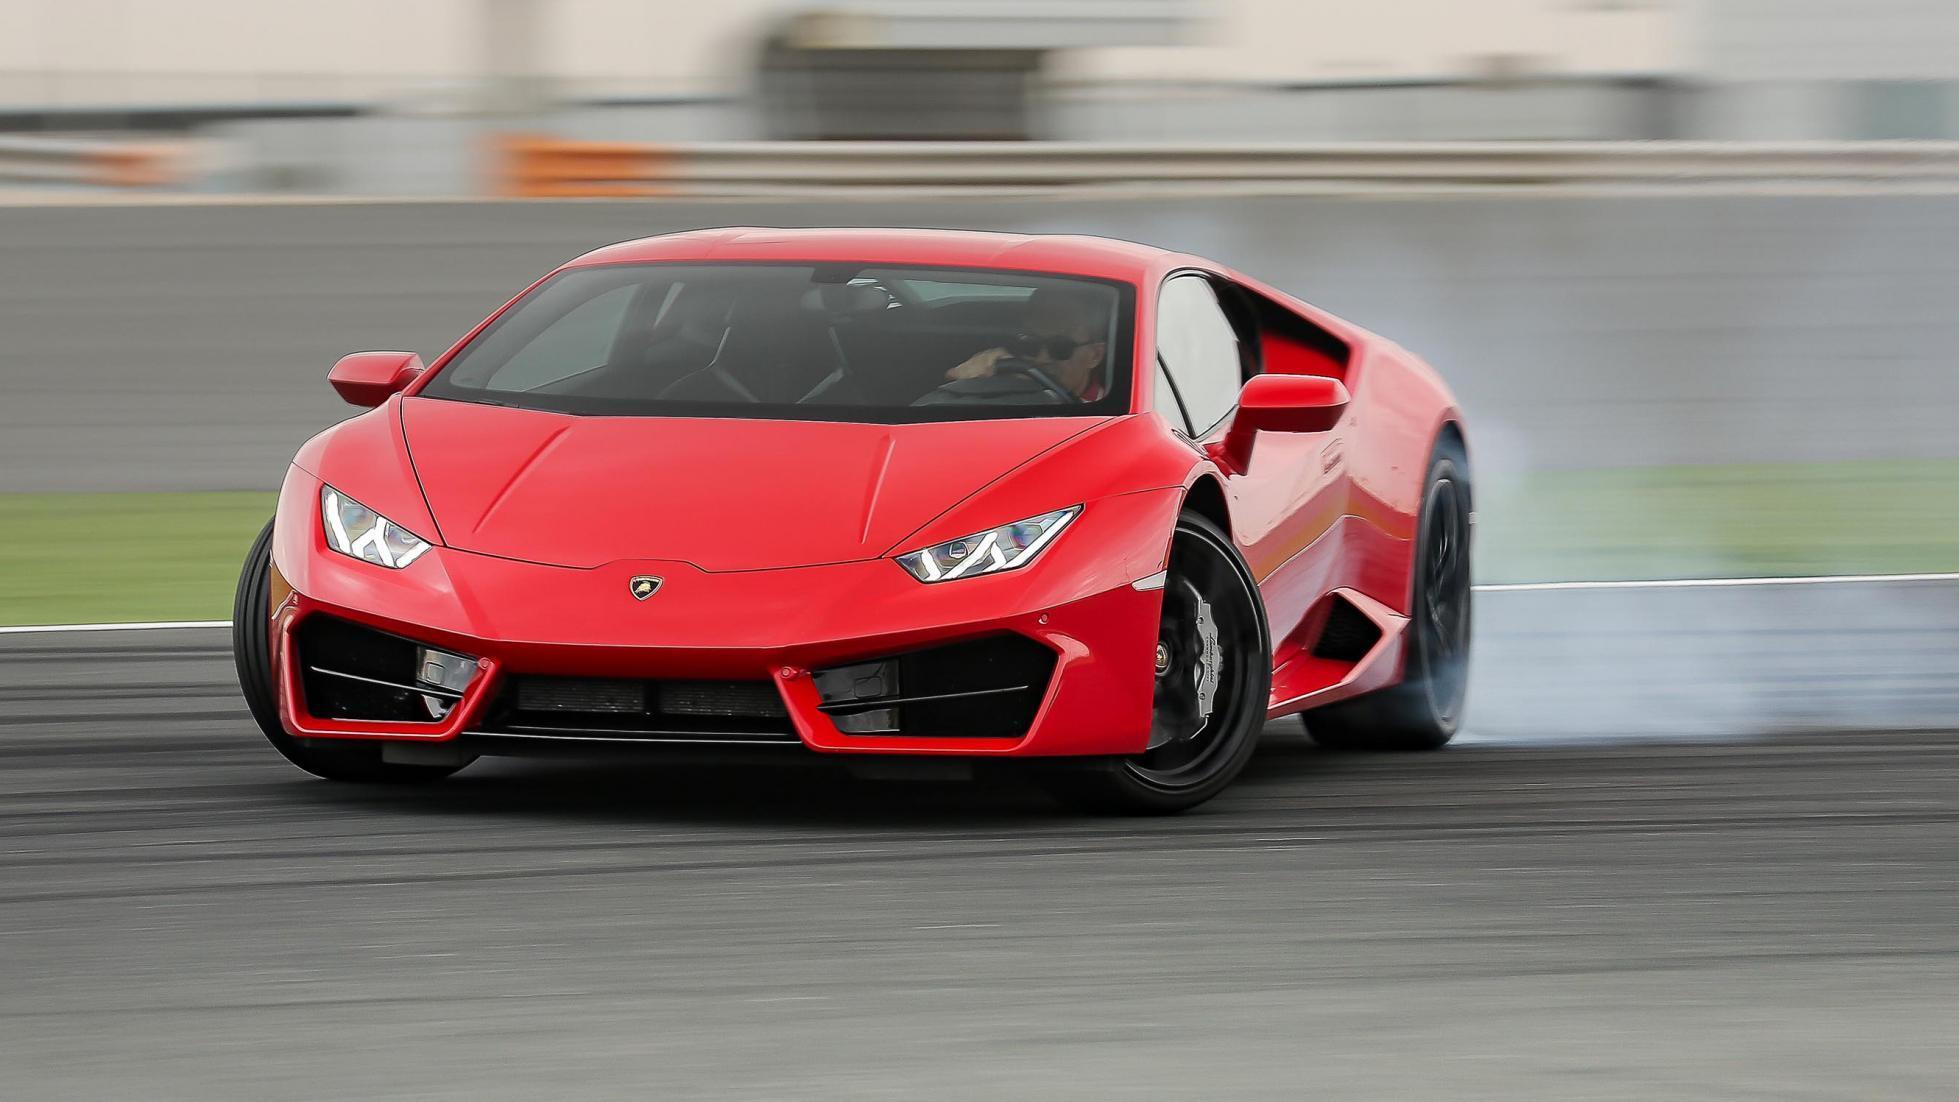 Lamborghini Drift Hd Wallpaper